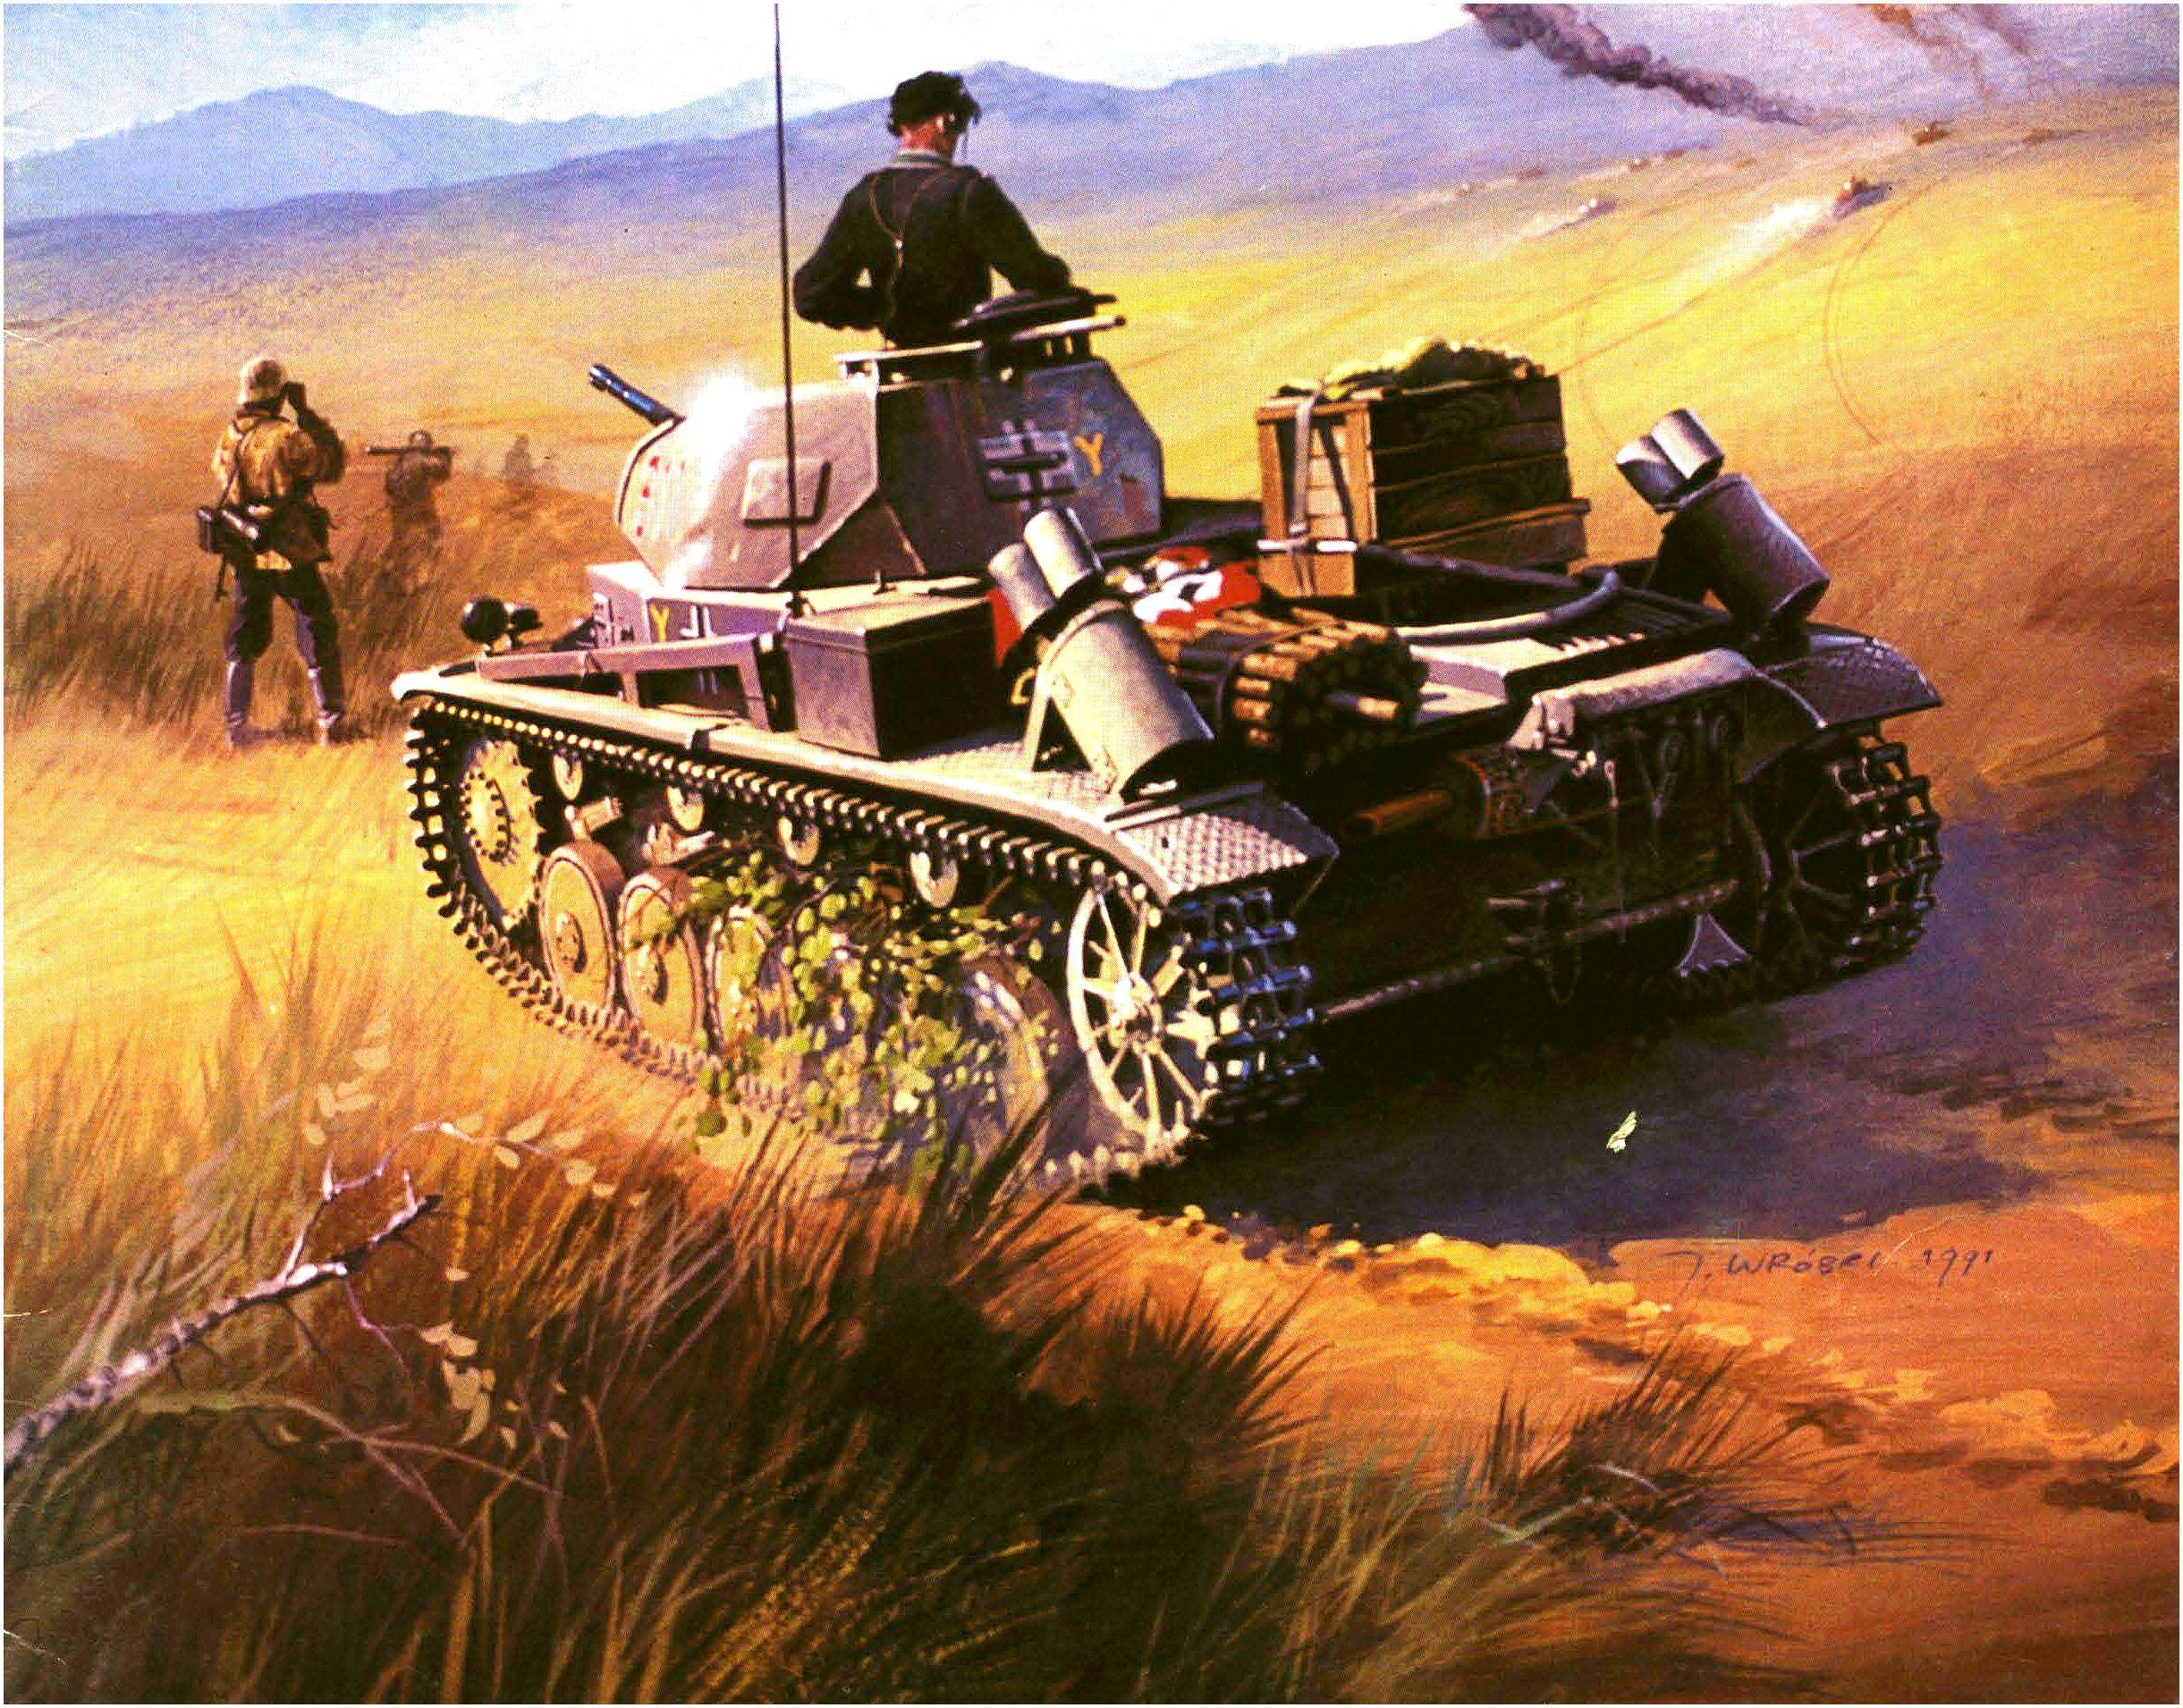 Wróbel Arkadiusz. Танк PzKpfw II Flammpanzer.